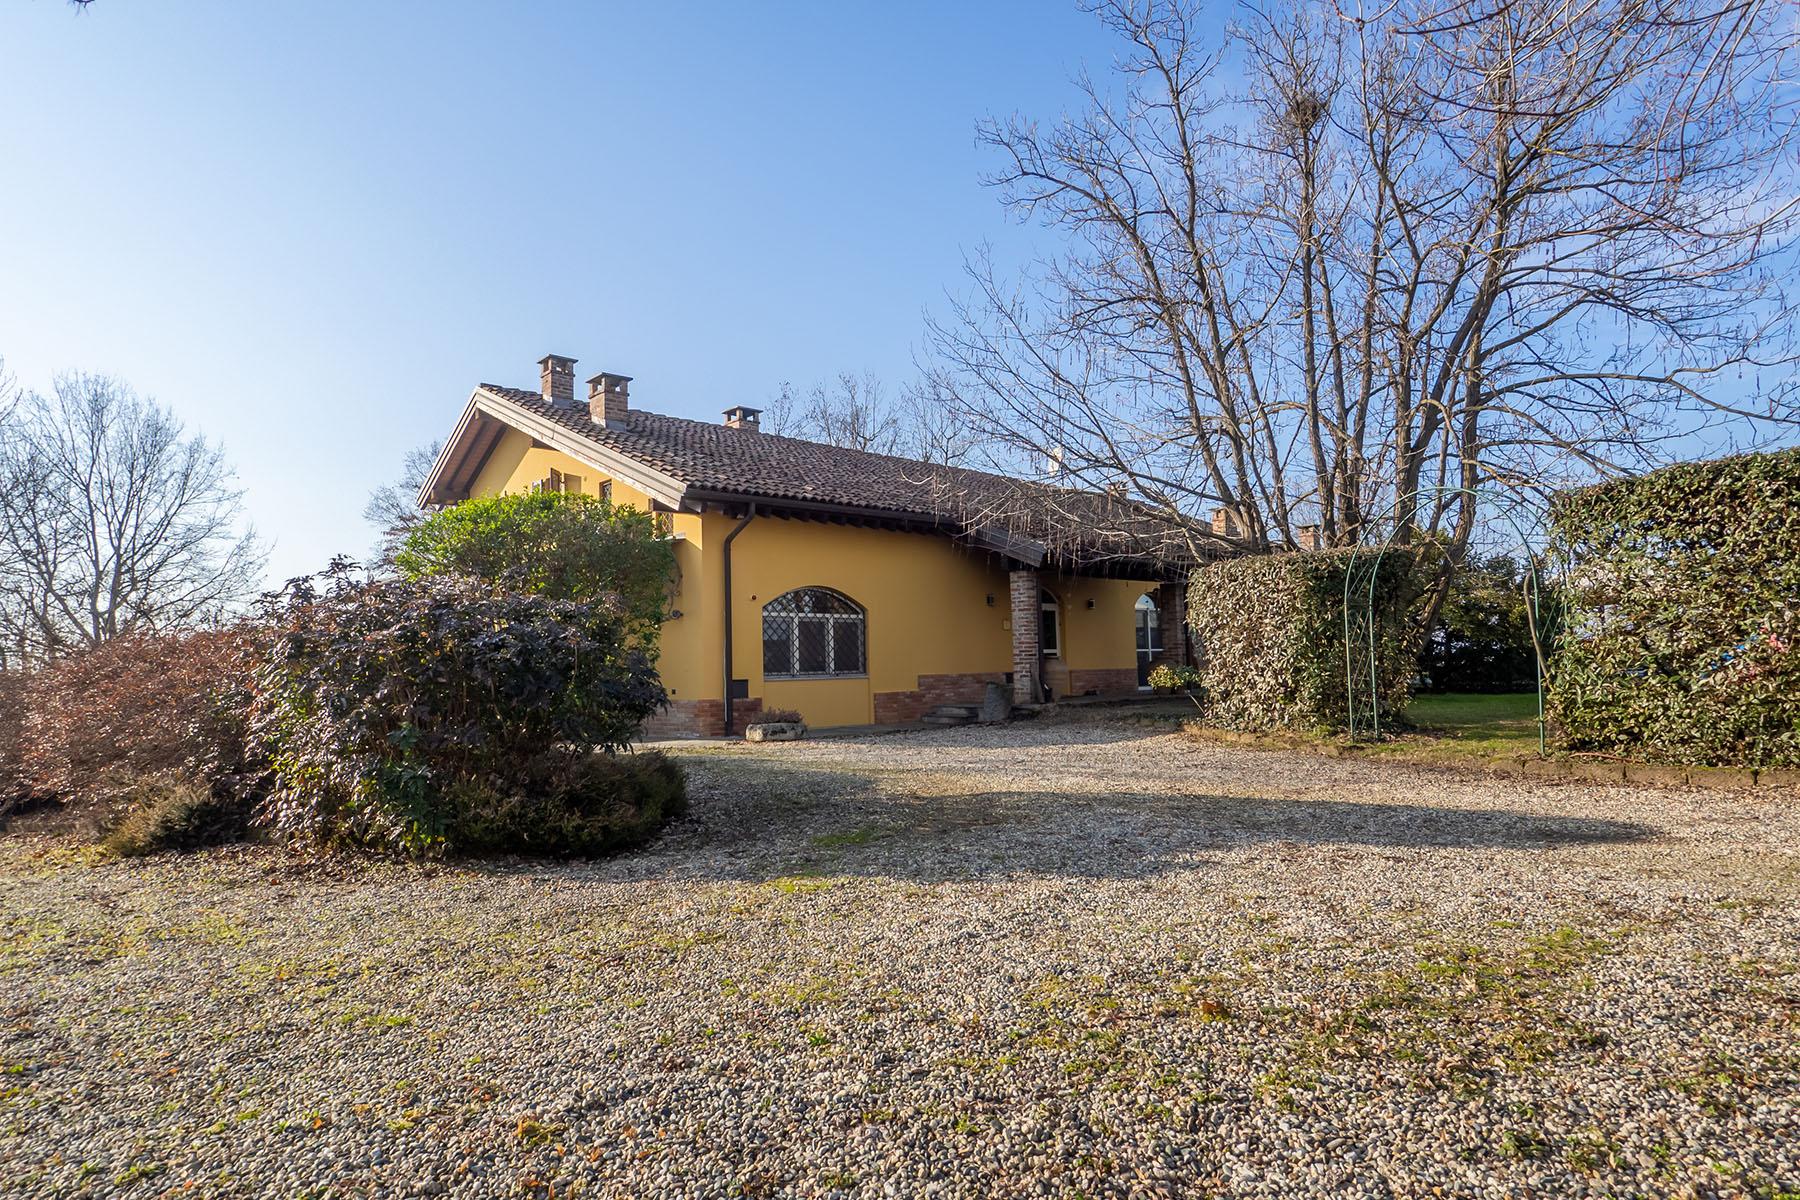 Villa in Vendita a Conzano: 5 locali, 420 mq - Foto 27